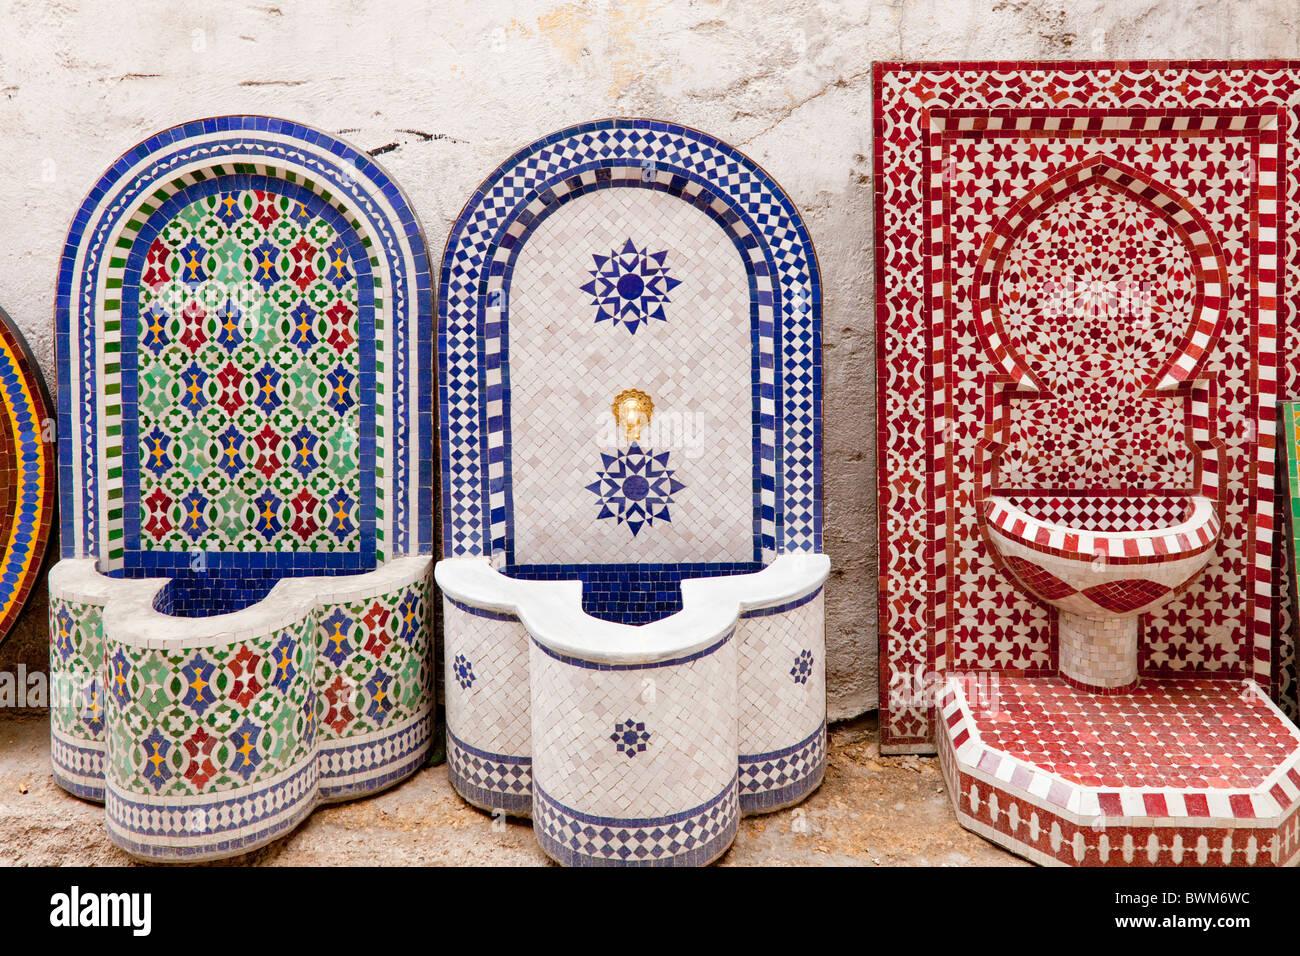 Ein KeramikFabrik Herstellung Mosaik Fliesen Brunnen Und Möbel In - Mosaik fliesen marokko